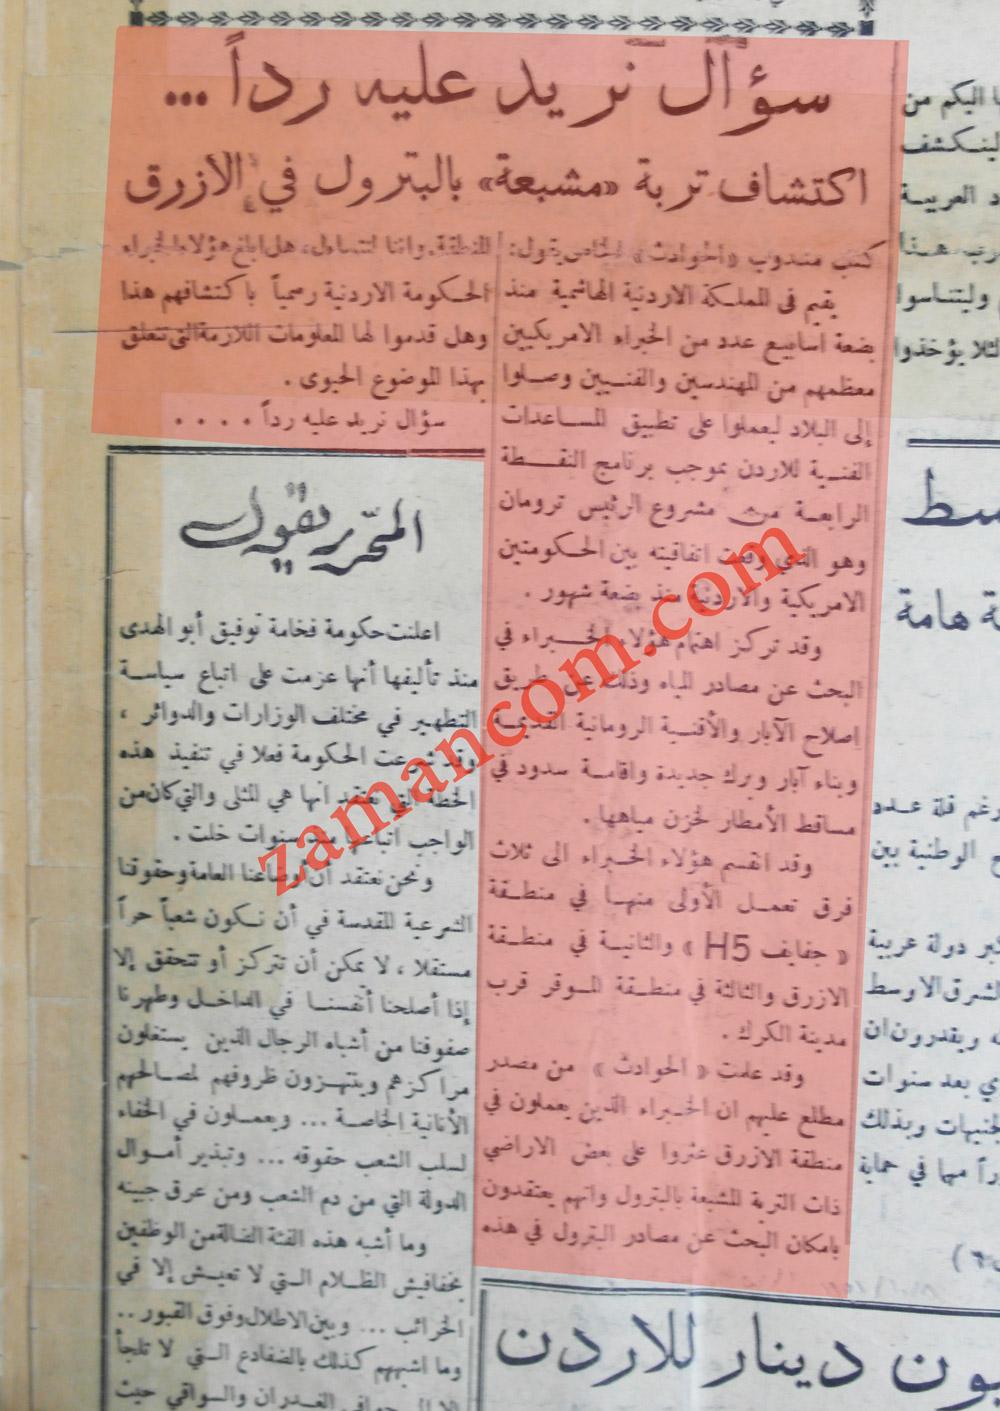 النفط في الأزرق/ خبر نشر عام 1951